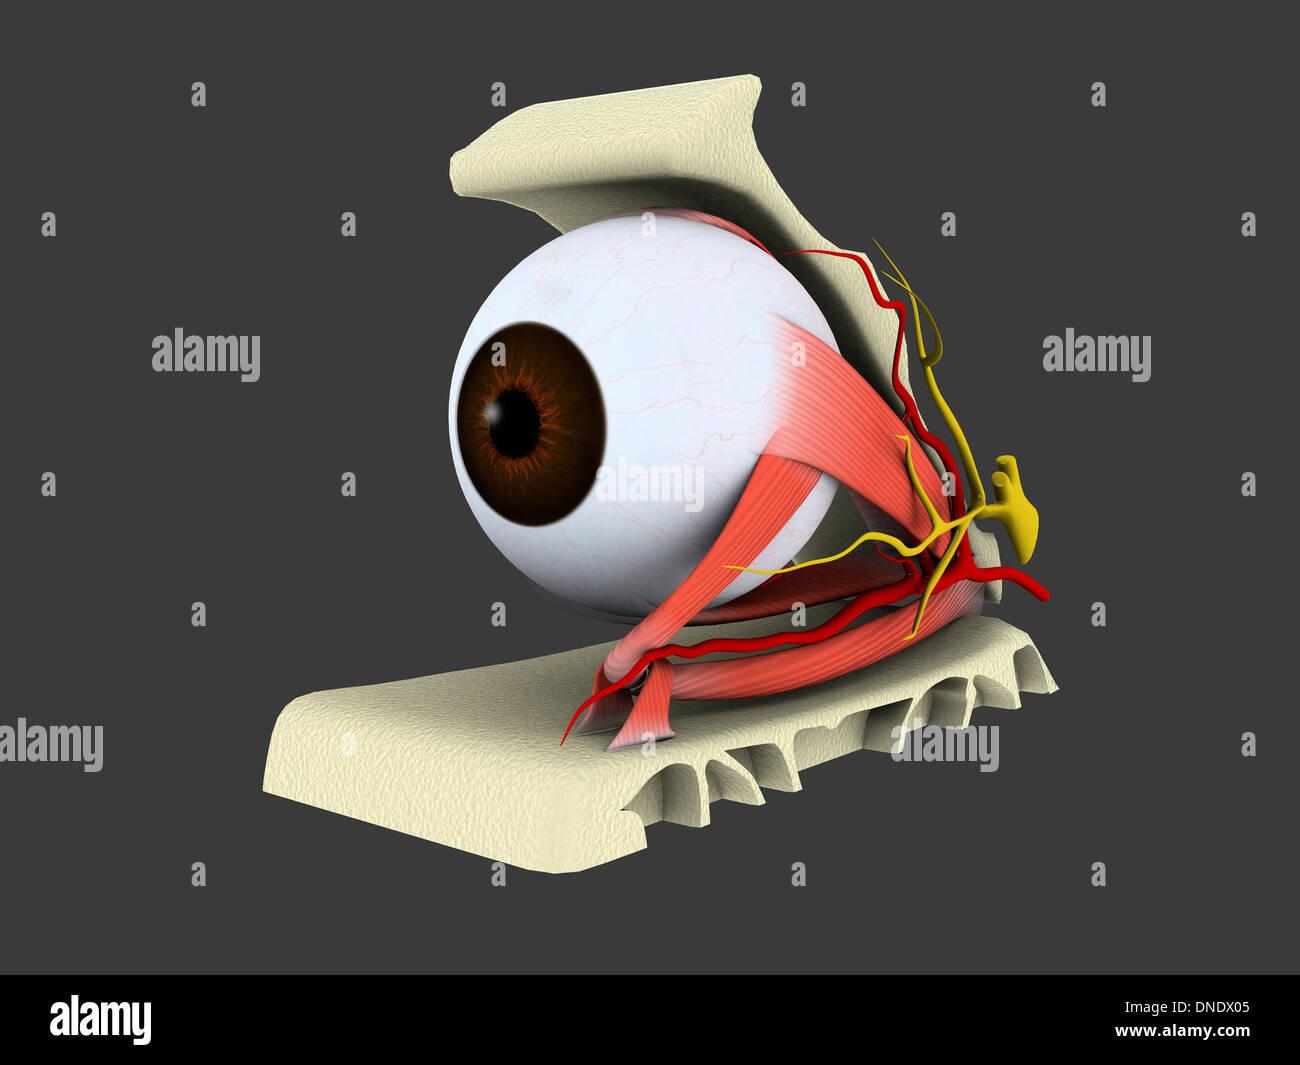 Conceptual image of human eye anatomy. - Stock Image